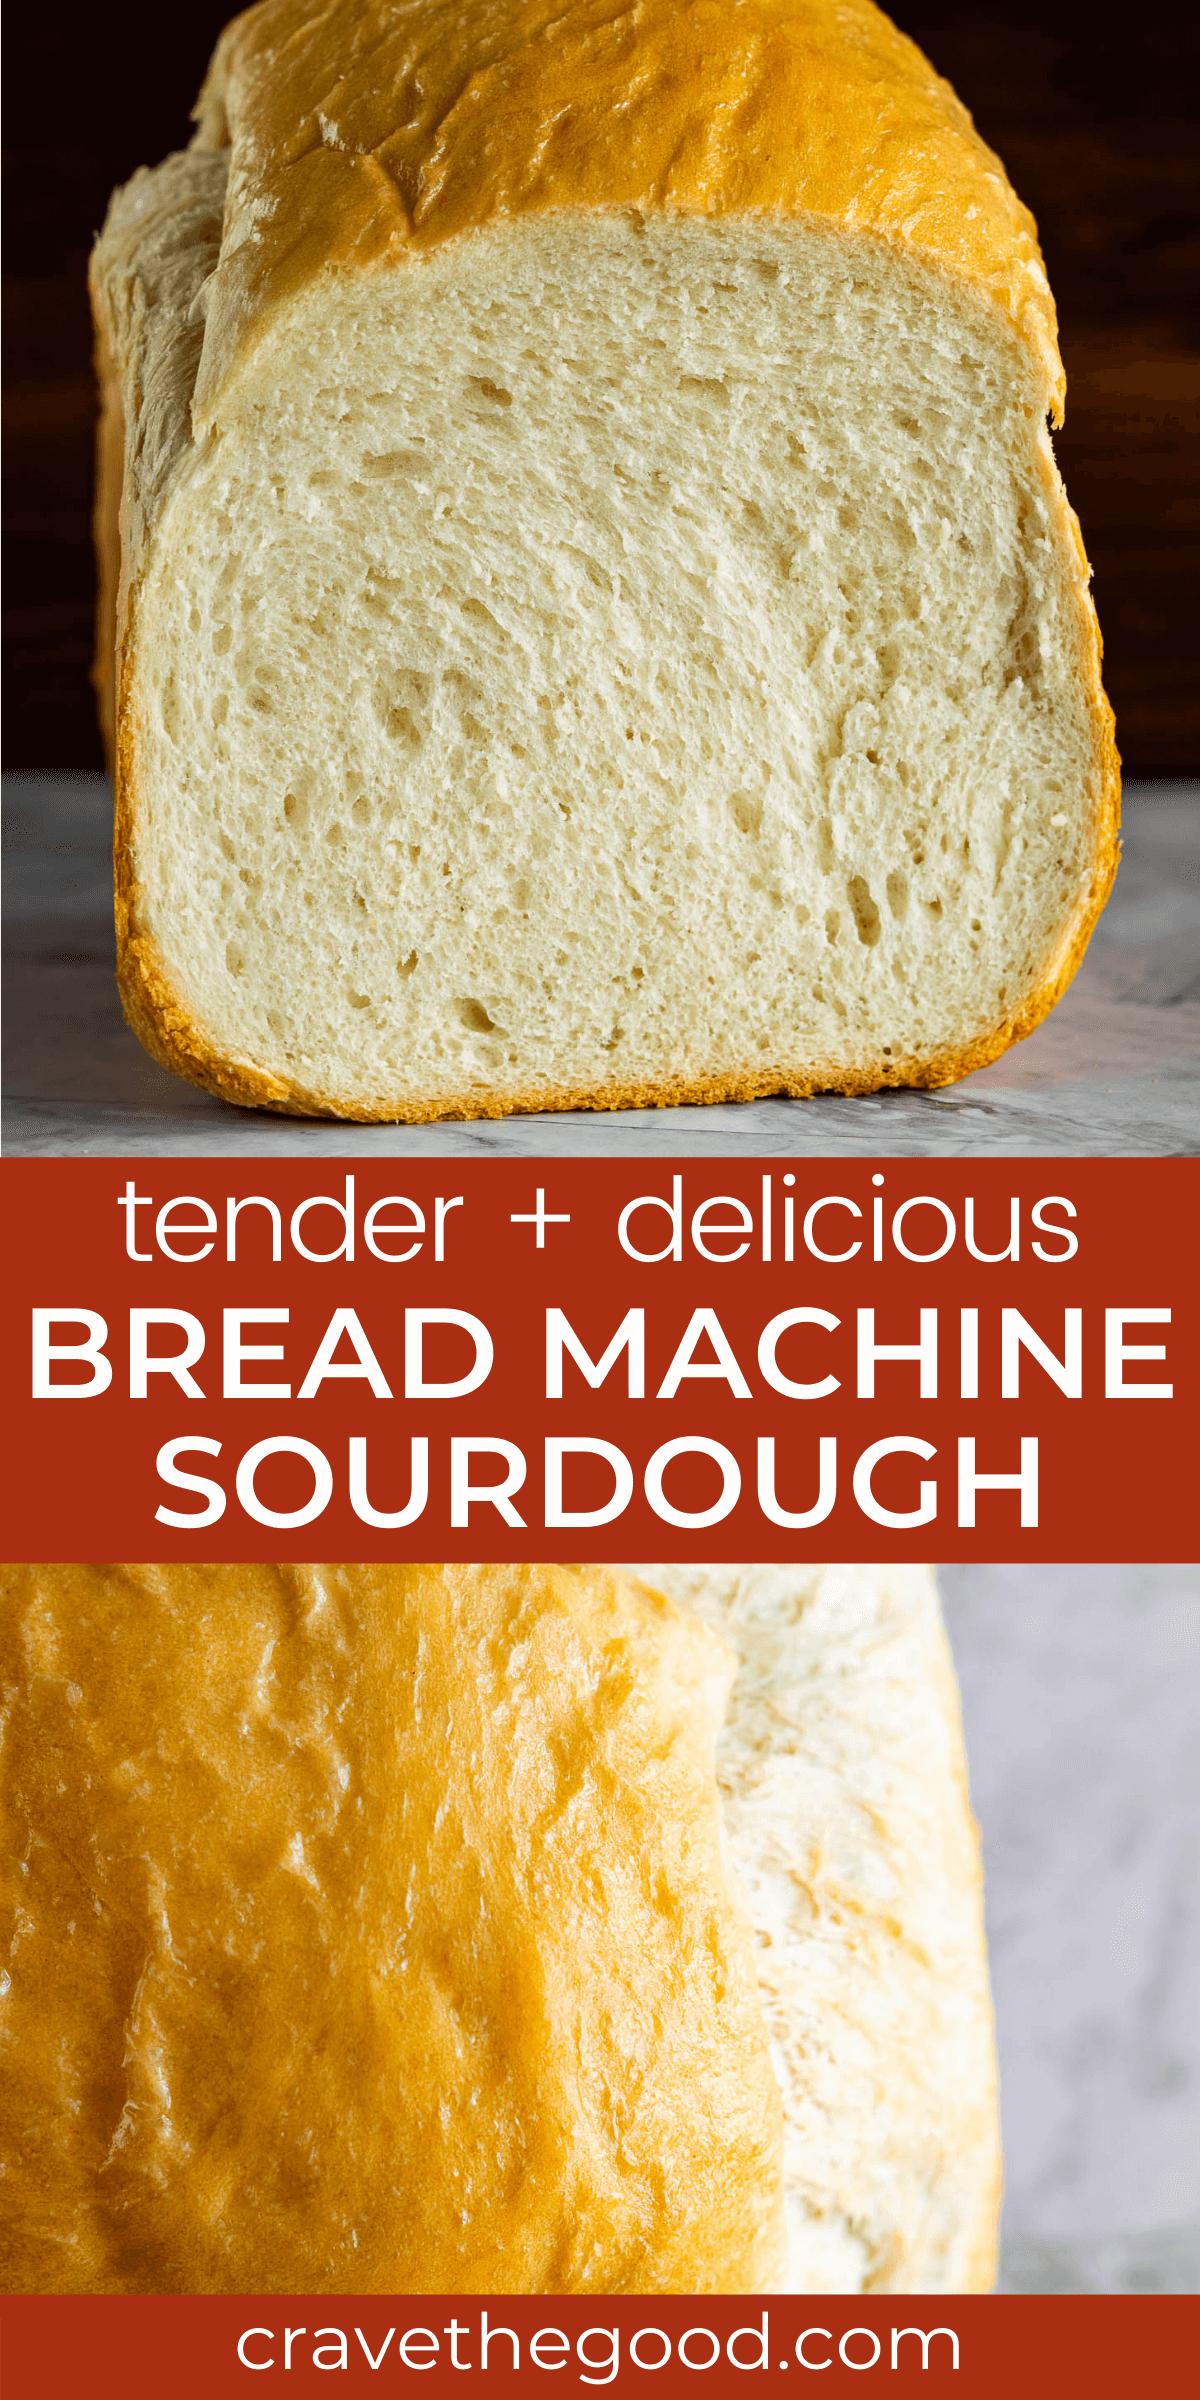 Bread maker sourdough bread pinterest graphic.